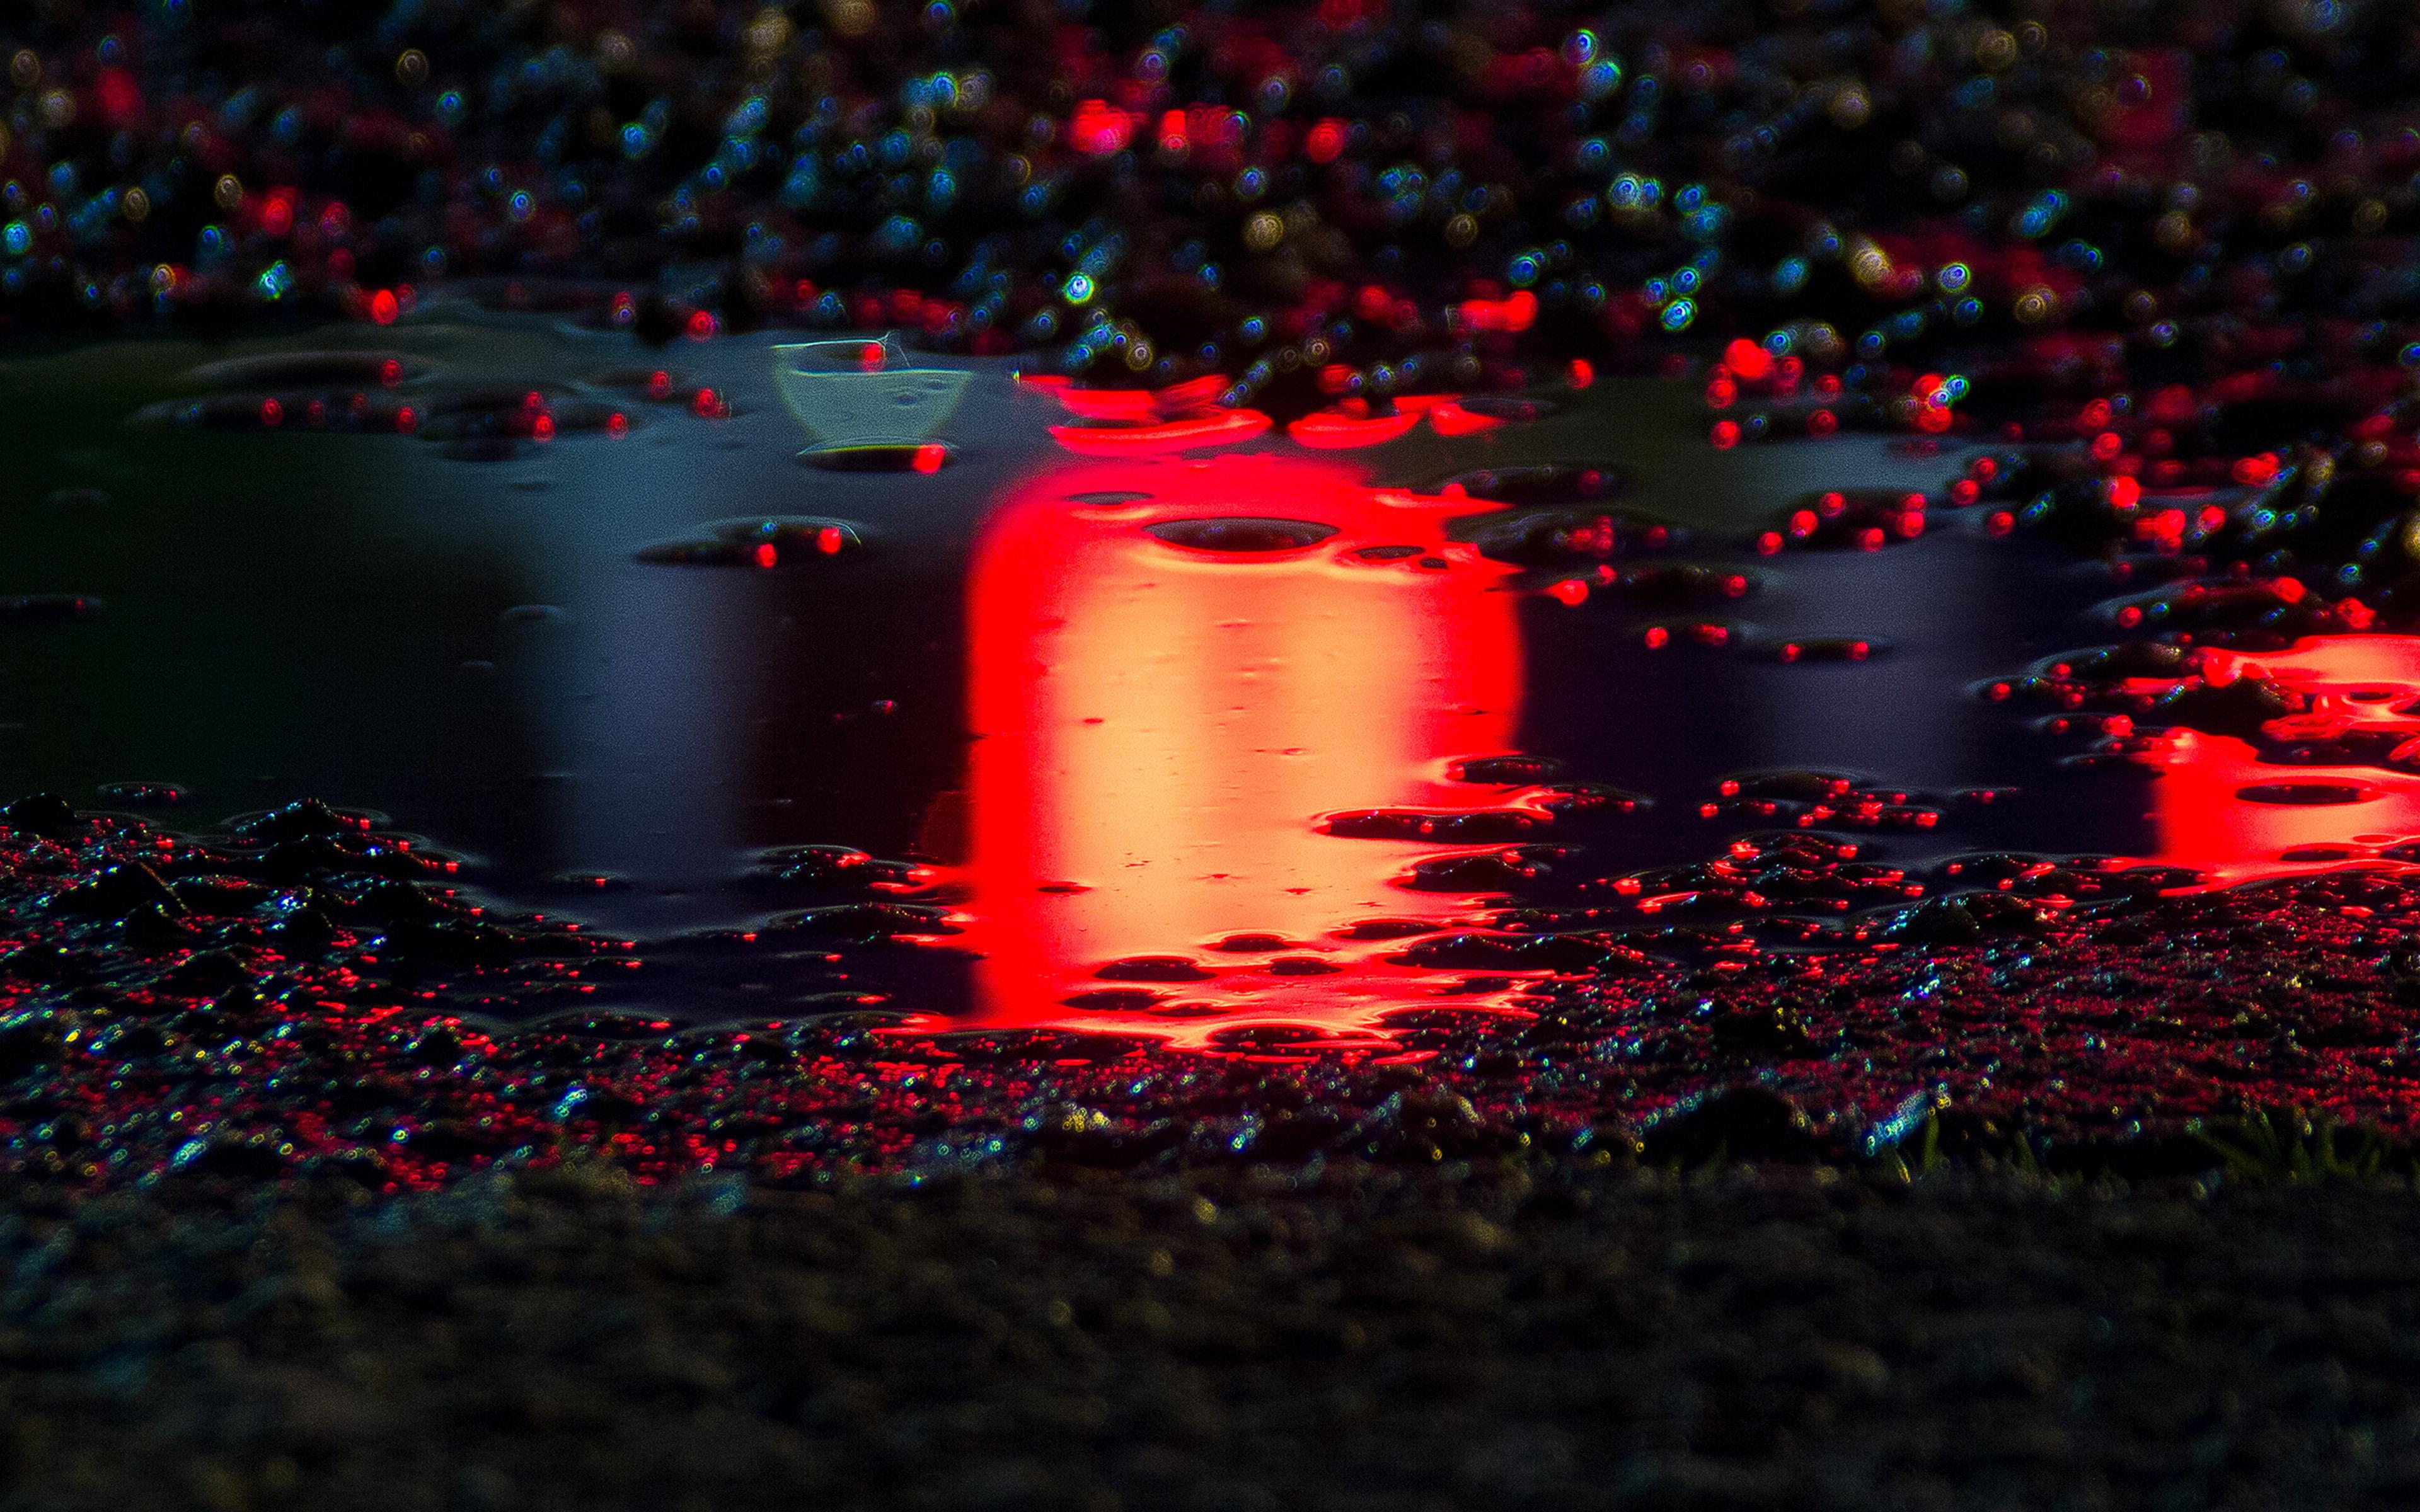 bf60-rain-red-bokeh-water-asphalt-art-light-wallpaper